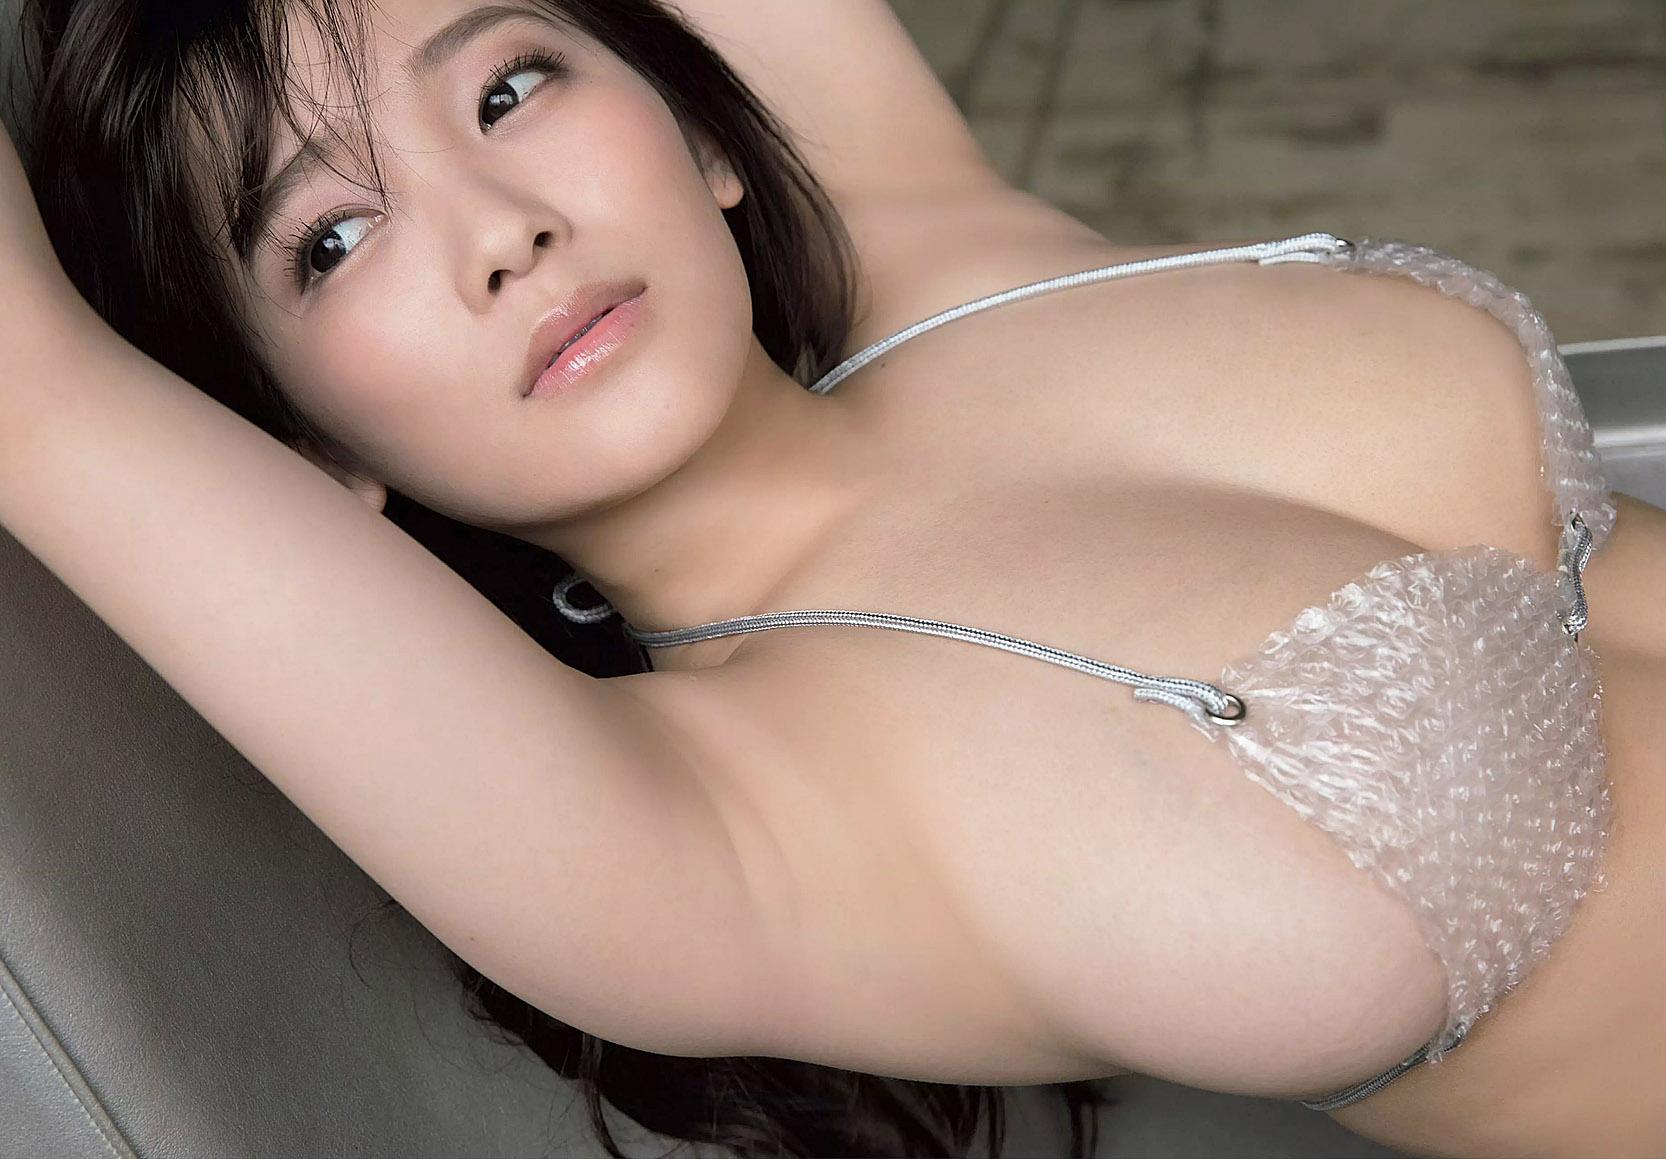 Джун Амаки (Jun Amaki) - горячая модель из Японии с большой грудью 4